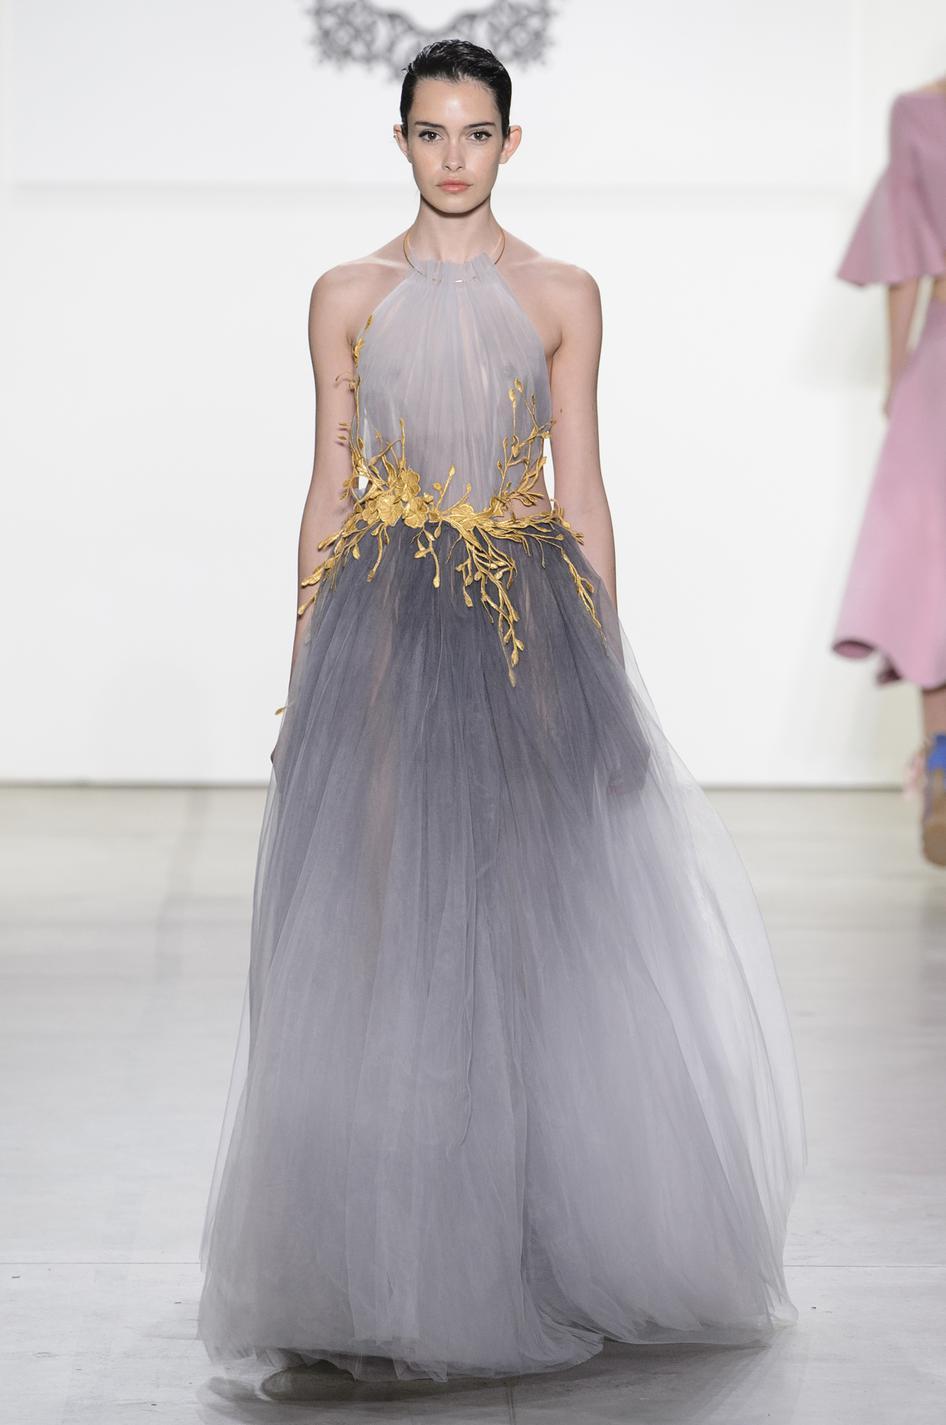 ... Les plus belles robes du soir de la Fashion Week printemps-été 2018 -  Giambattista Valli Les plus belles robes du soir de la Fashion Week  printemps-été ... 43cee6b41c1